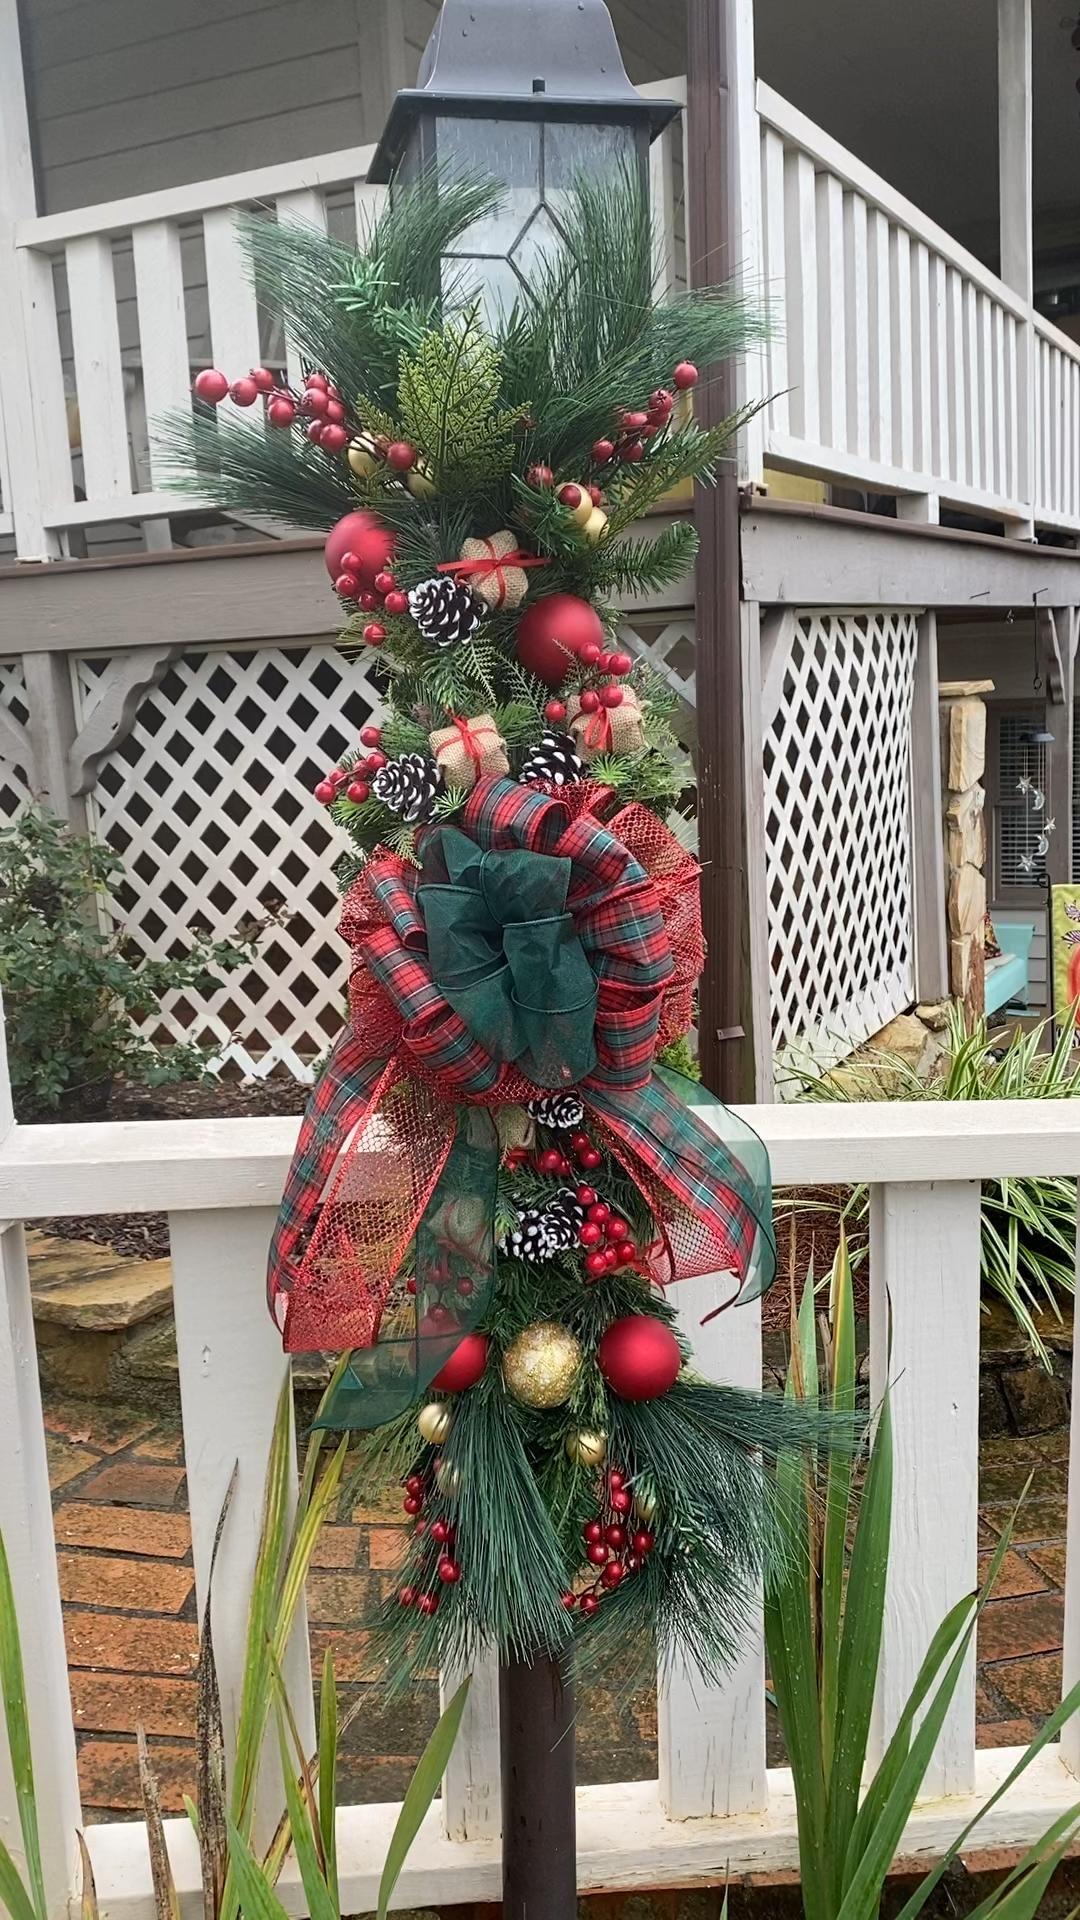 Lamp Post Swag Christmas Lamp Post Decor Outdoor Christmas | Etsy -   18 christmas decor outdoor fence ideas